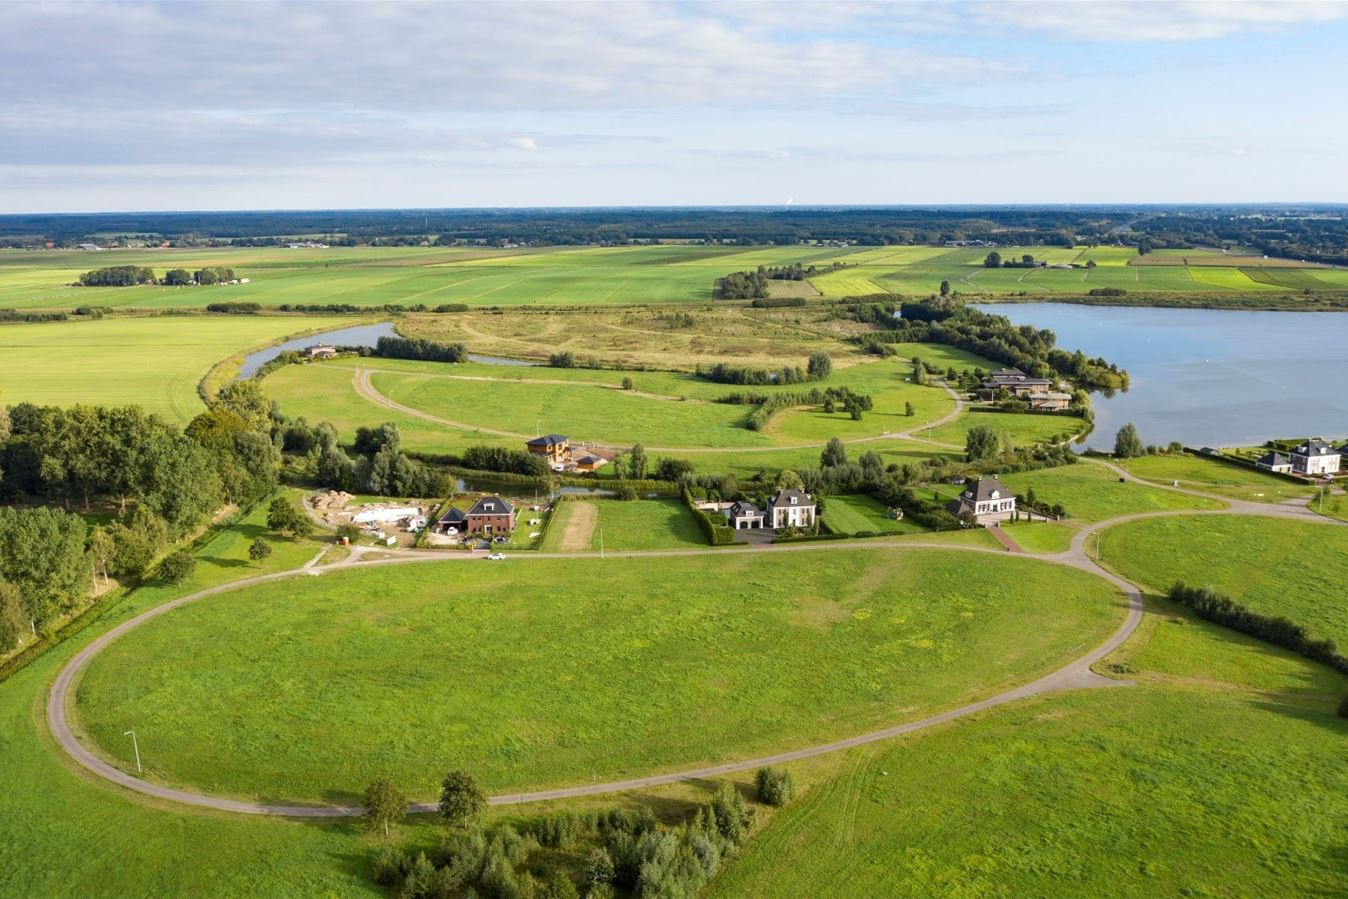 Bekijk foto 1 van Landgoed de Woldberg kavel 36